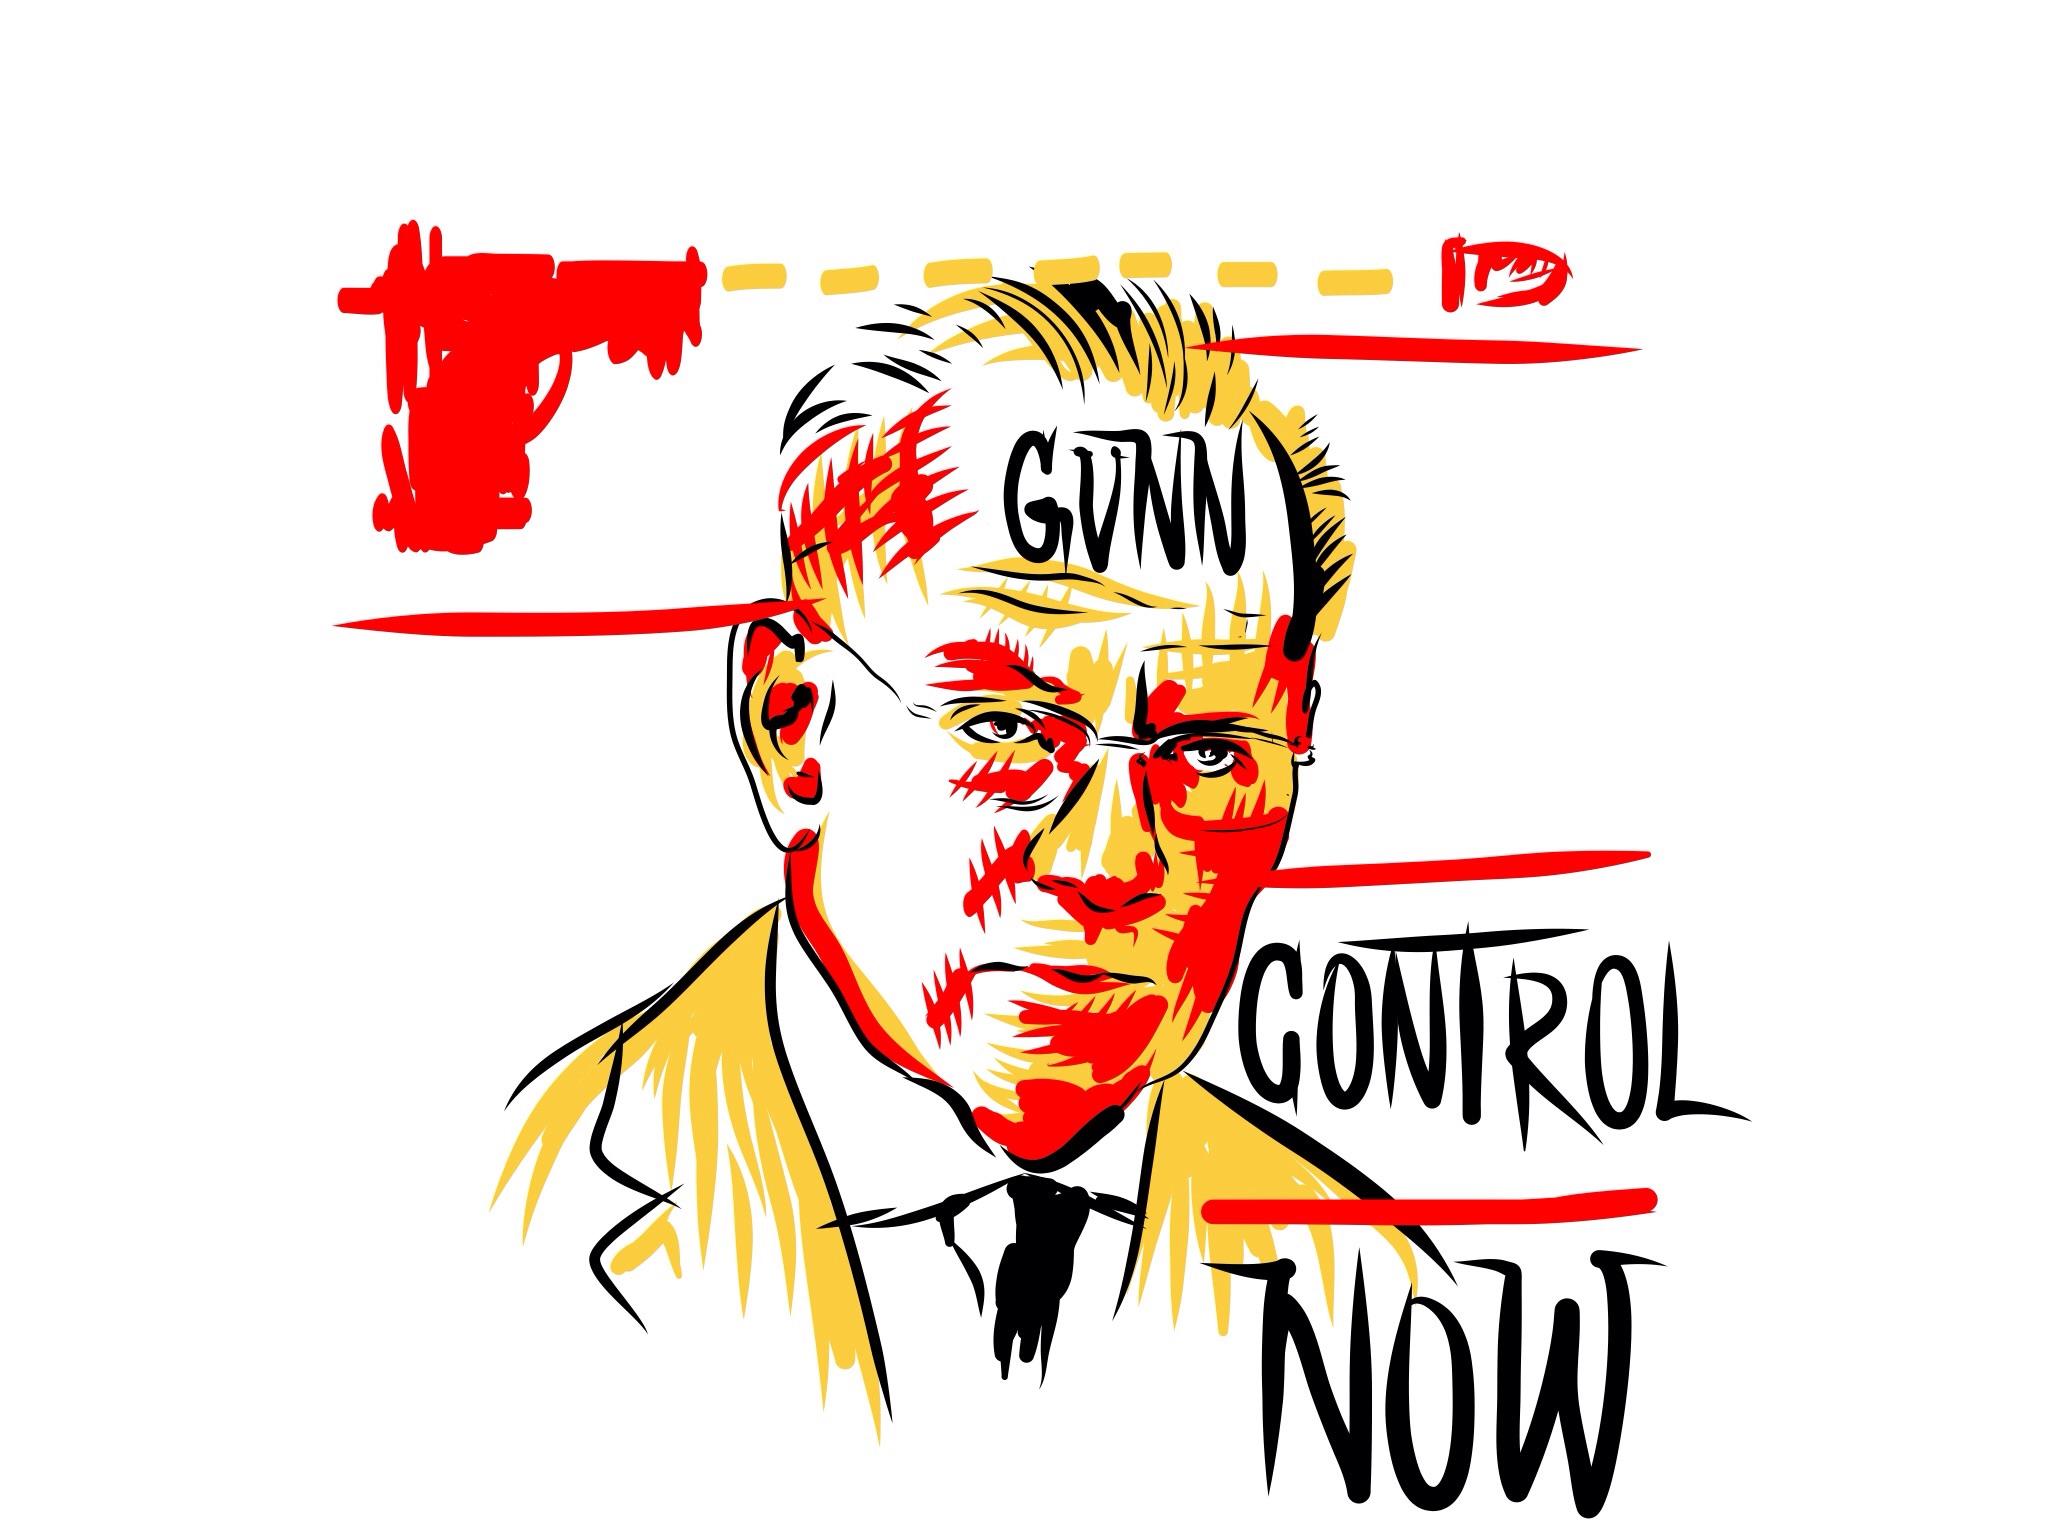 Gunn Control Now